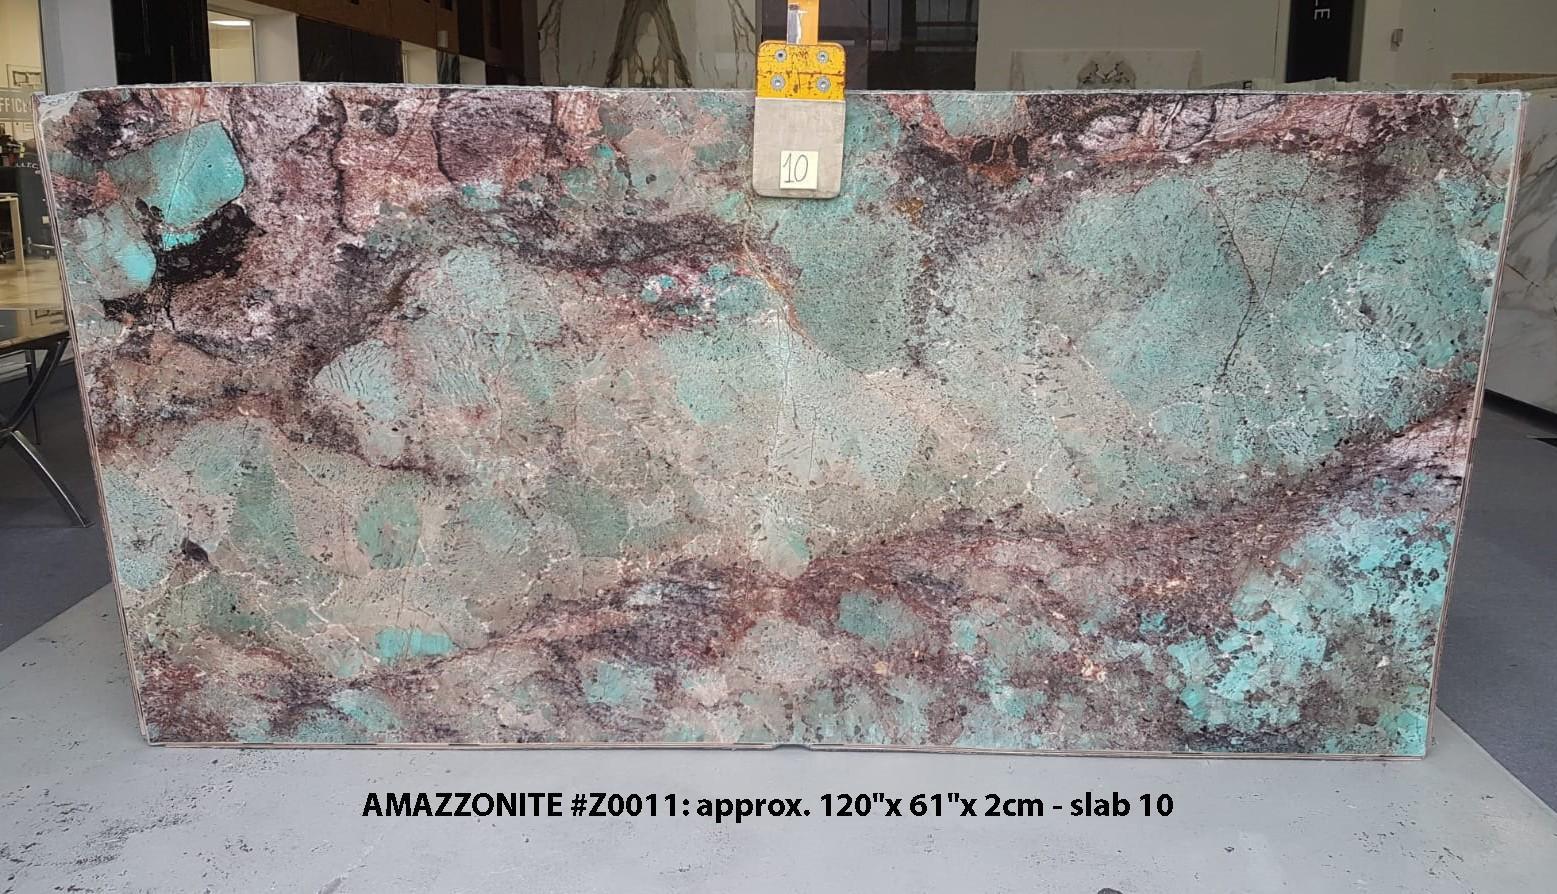 AMAZZONITE Suministro (Italia) de planchas pulidas en piedra semi preciosa natural Z0011 , Slab #10